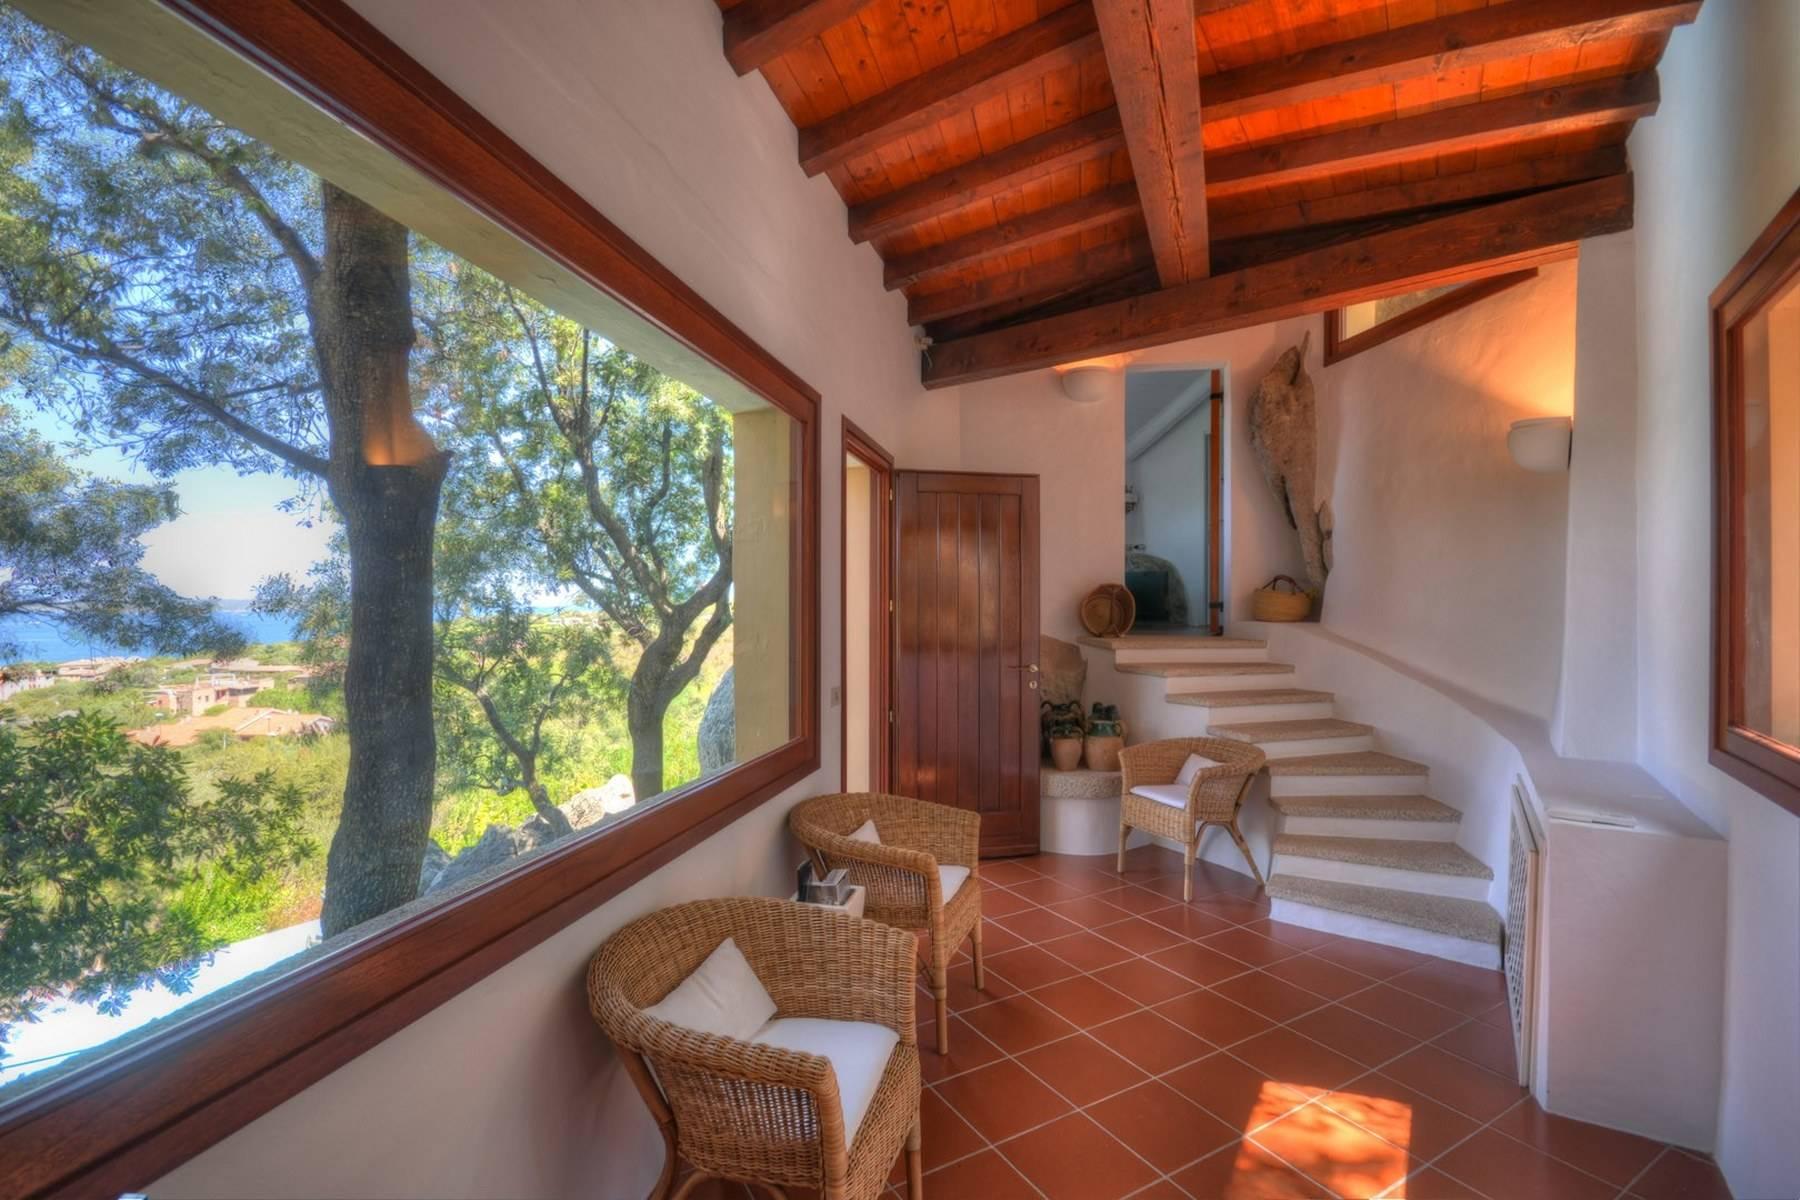 Villa in Vendita a Olbia: 5 locali, 450 mq - Foto 24